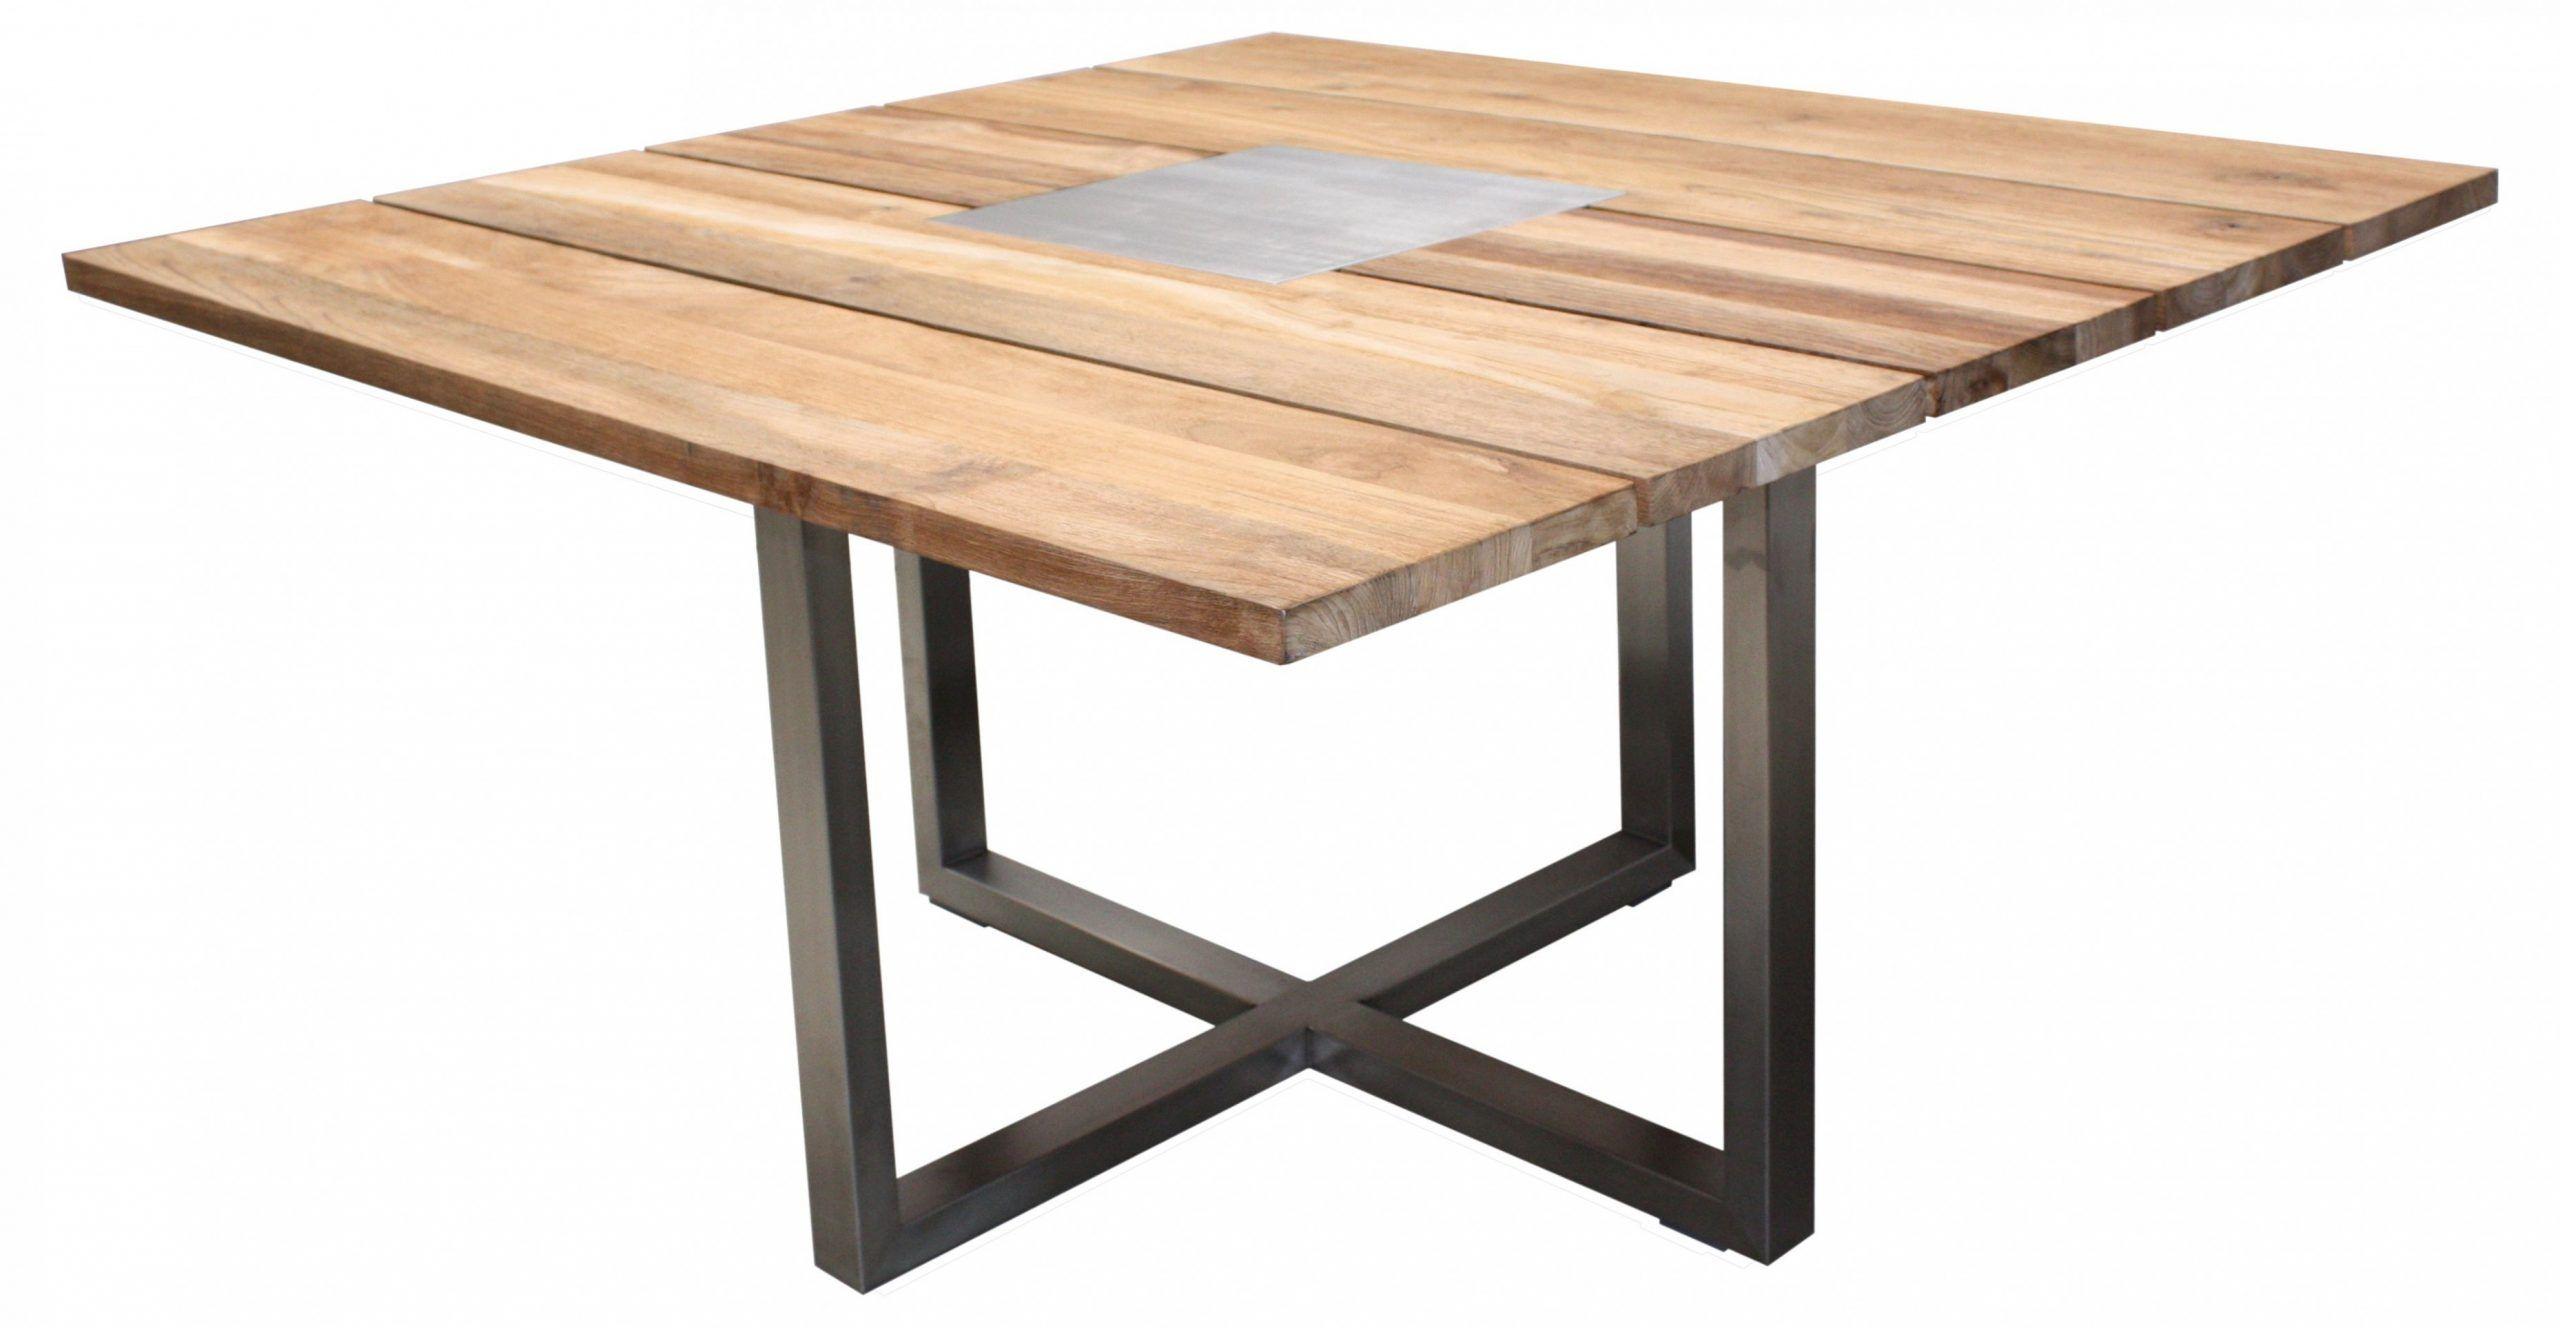 14 Ikea Kuchentisch Quadratisch In 2020 Esstisch Quadratisch Ikea Kuchentisch Wohnzimmertische